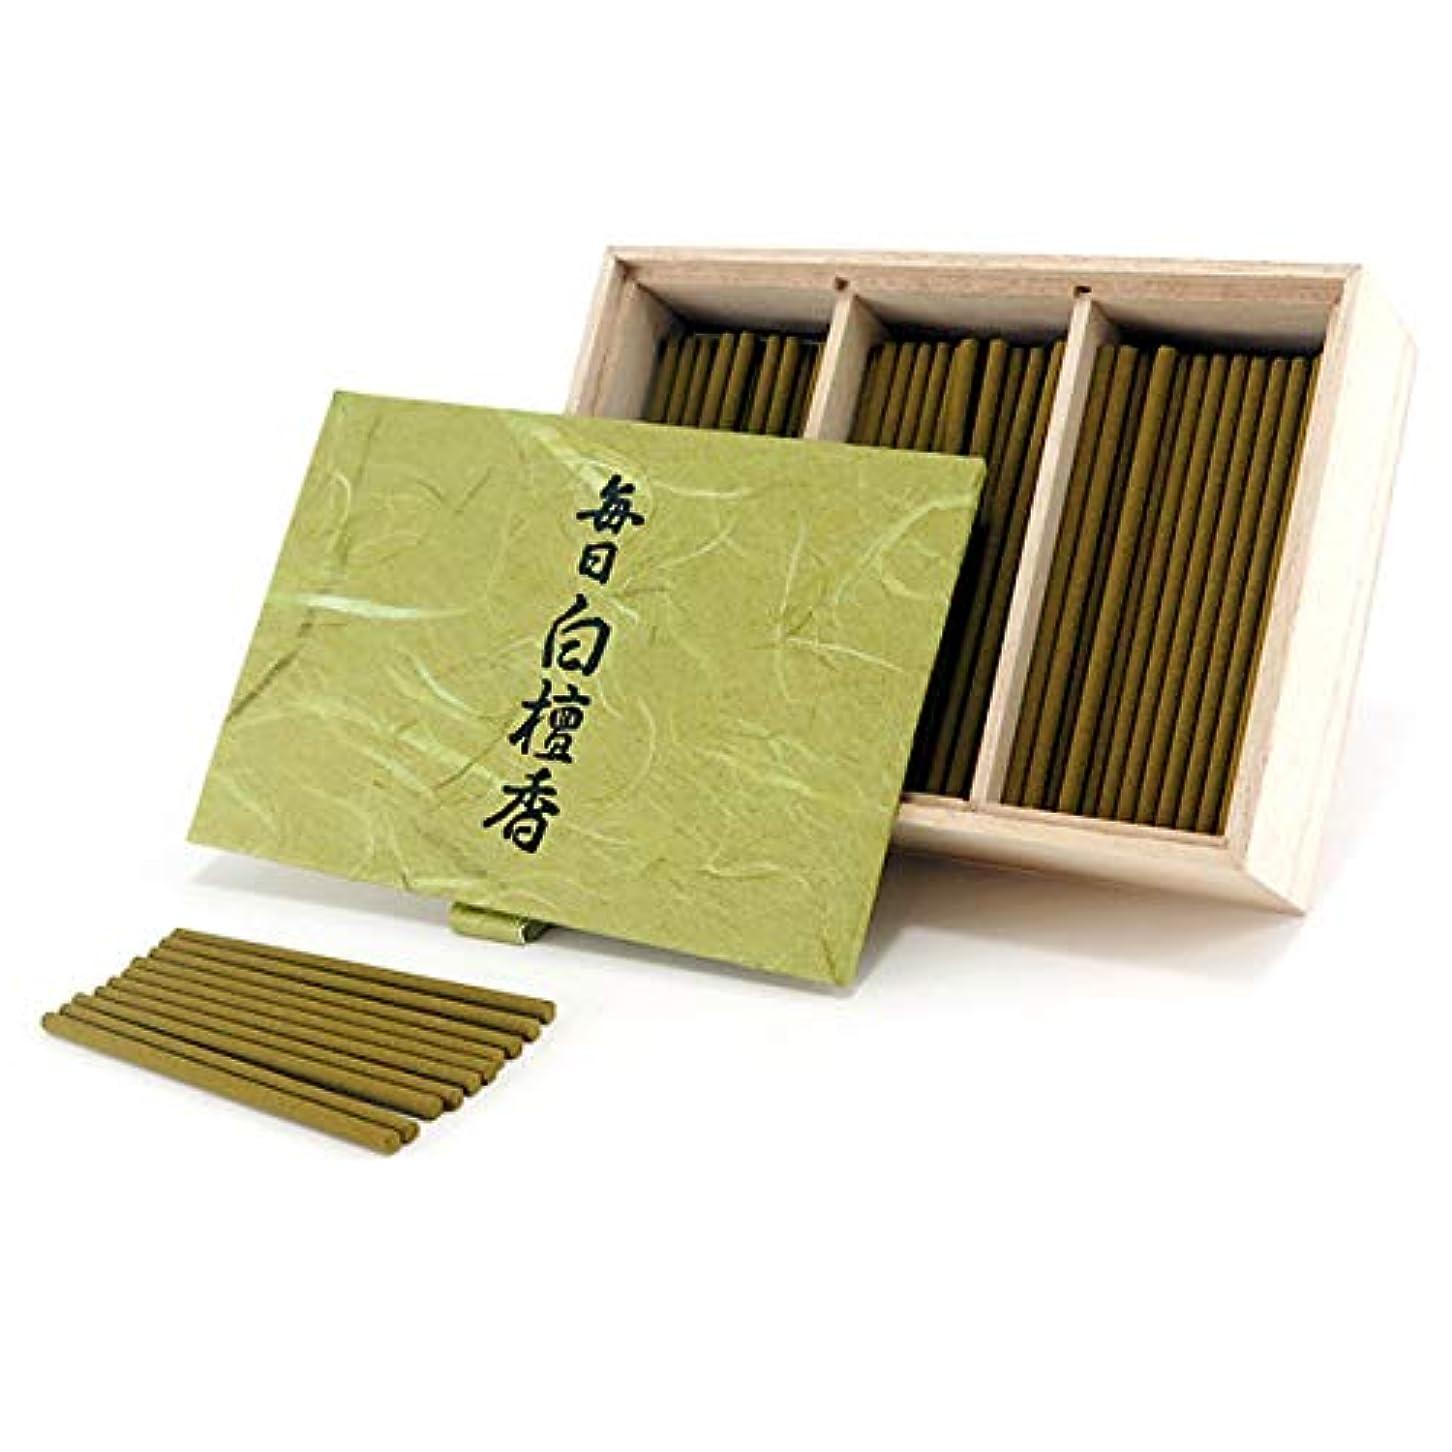 騒々しい意欲連続的日本香堂のお香 毎日白檀香 スティックミニ寸お徳用150本入り